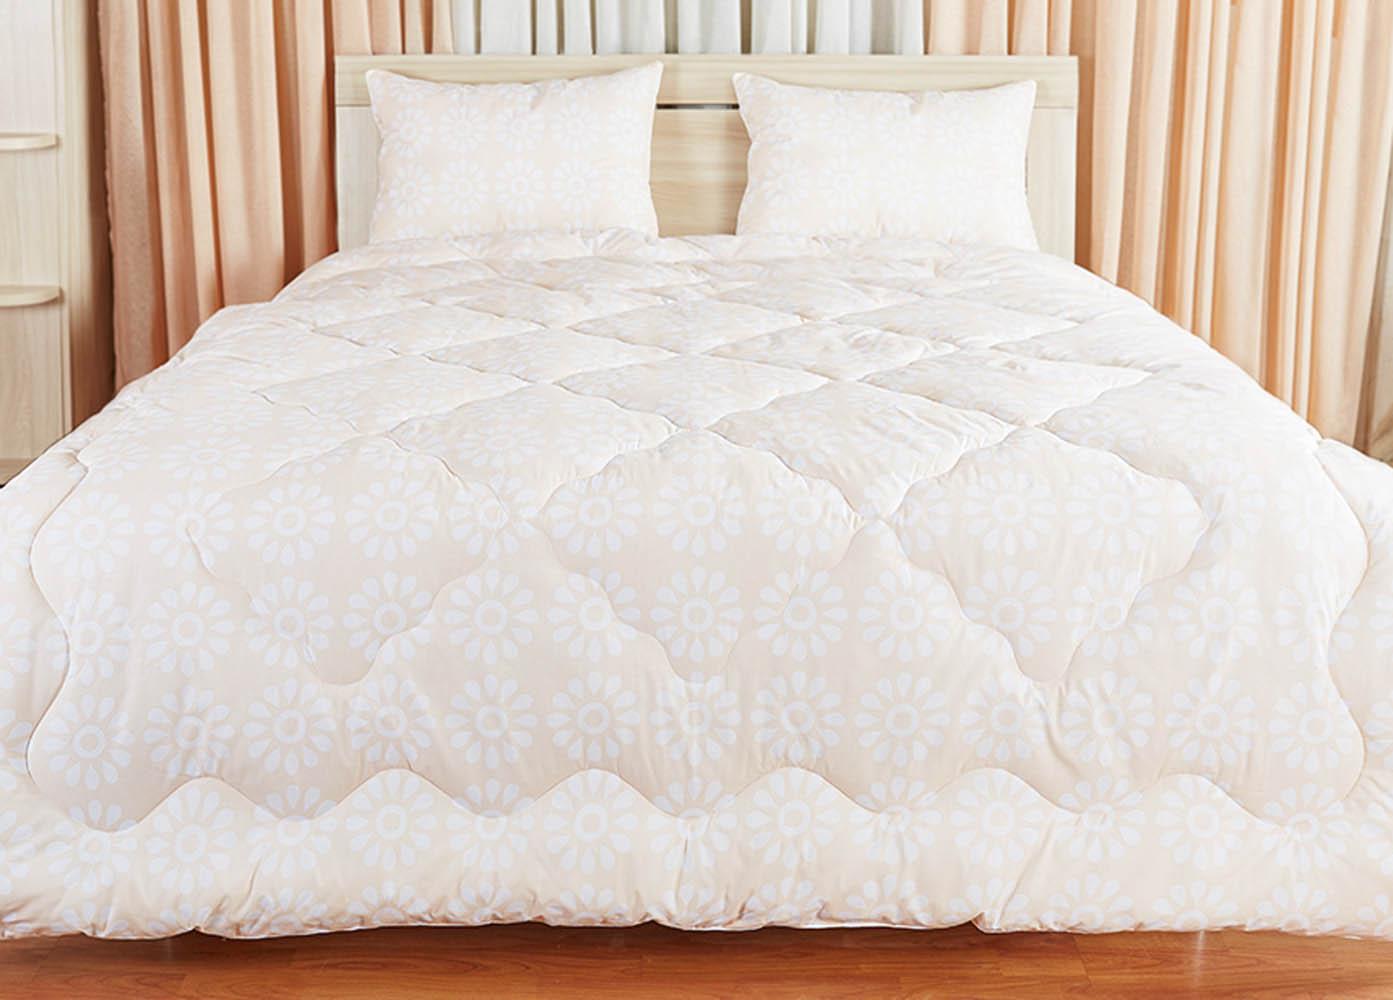 Одеяла Подушкино Одеяло Влада  (140х205 см) одеяла nature s одеяло бархатный бамбук 140х205 см